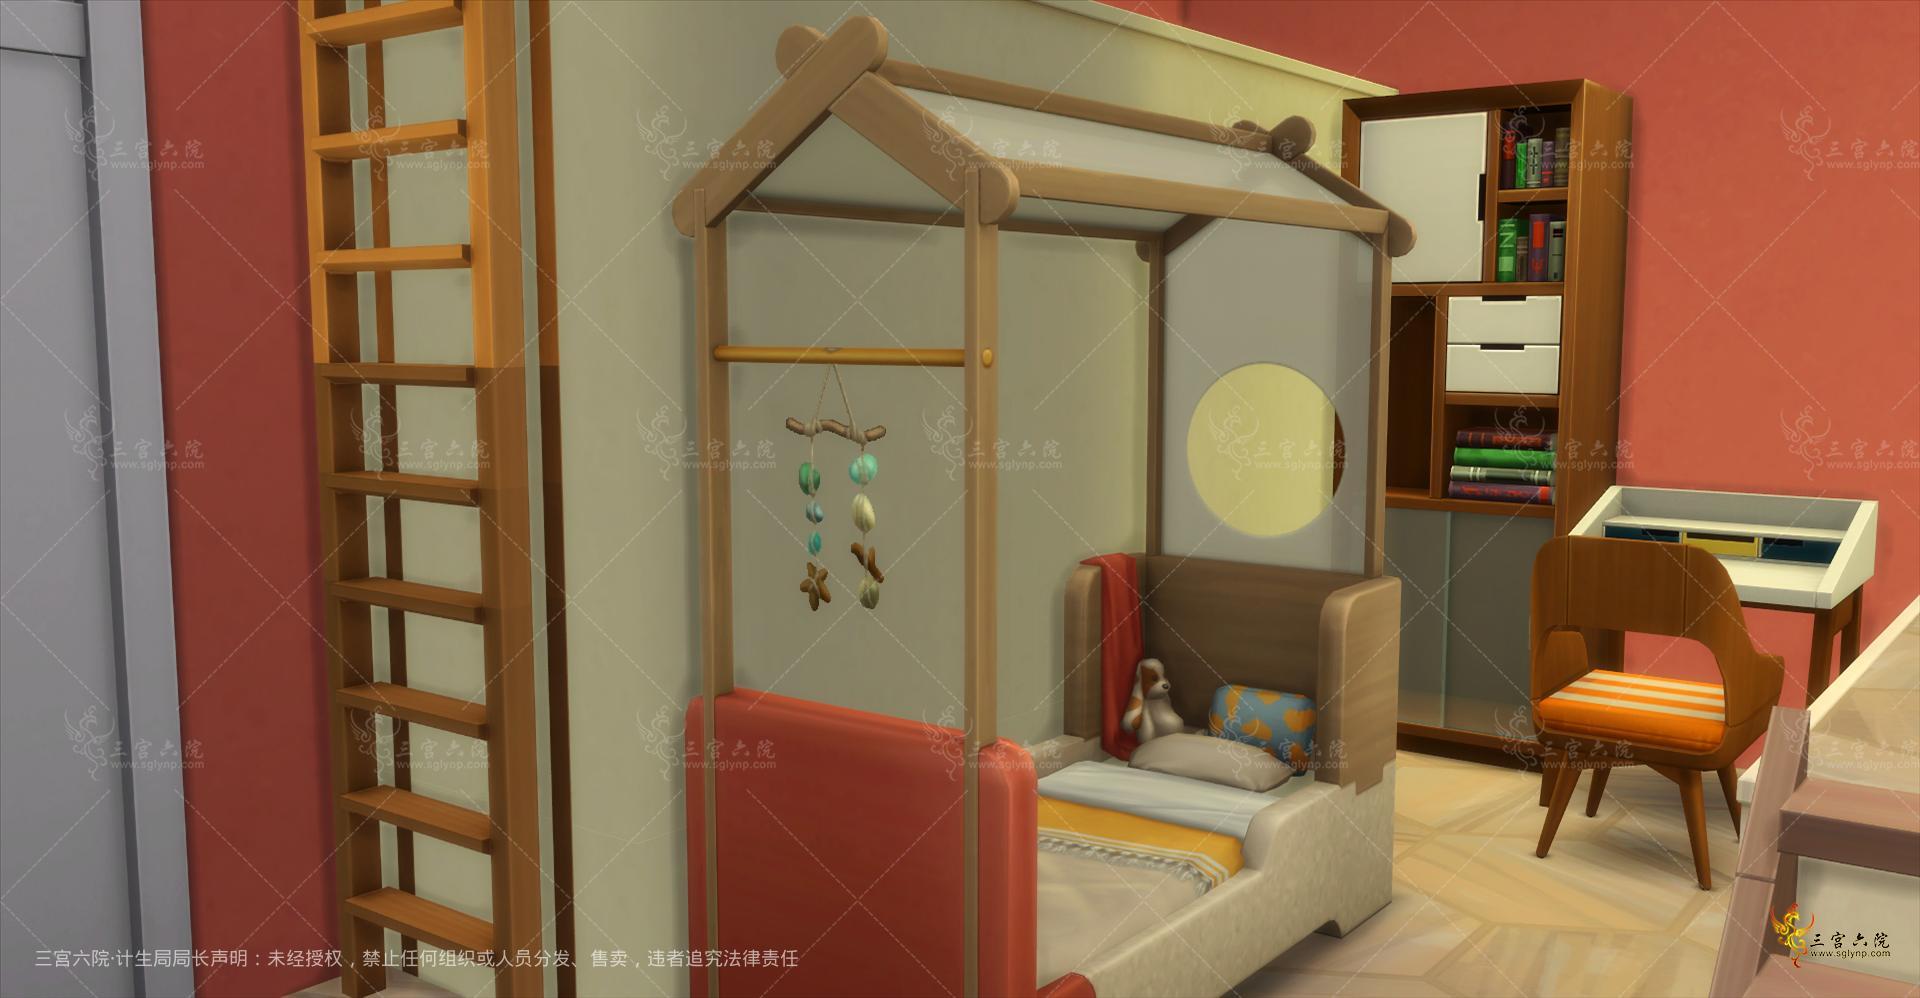 Sims 4 Screenshot 2021.08.23 - 09.14.51.65.png